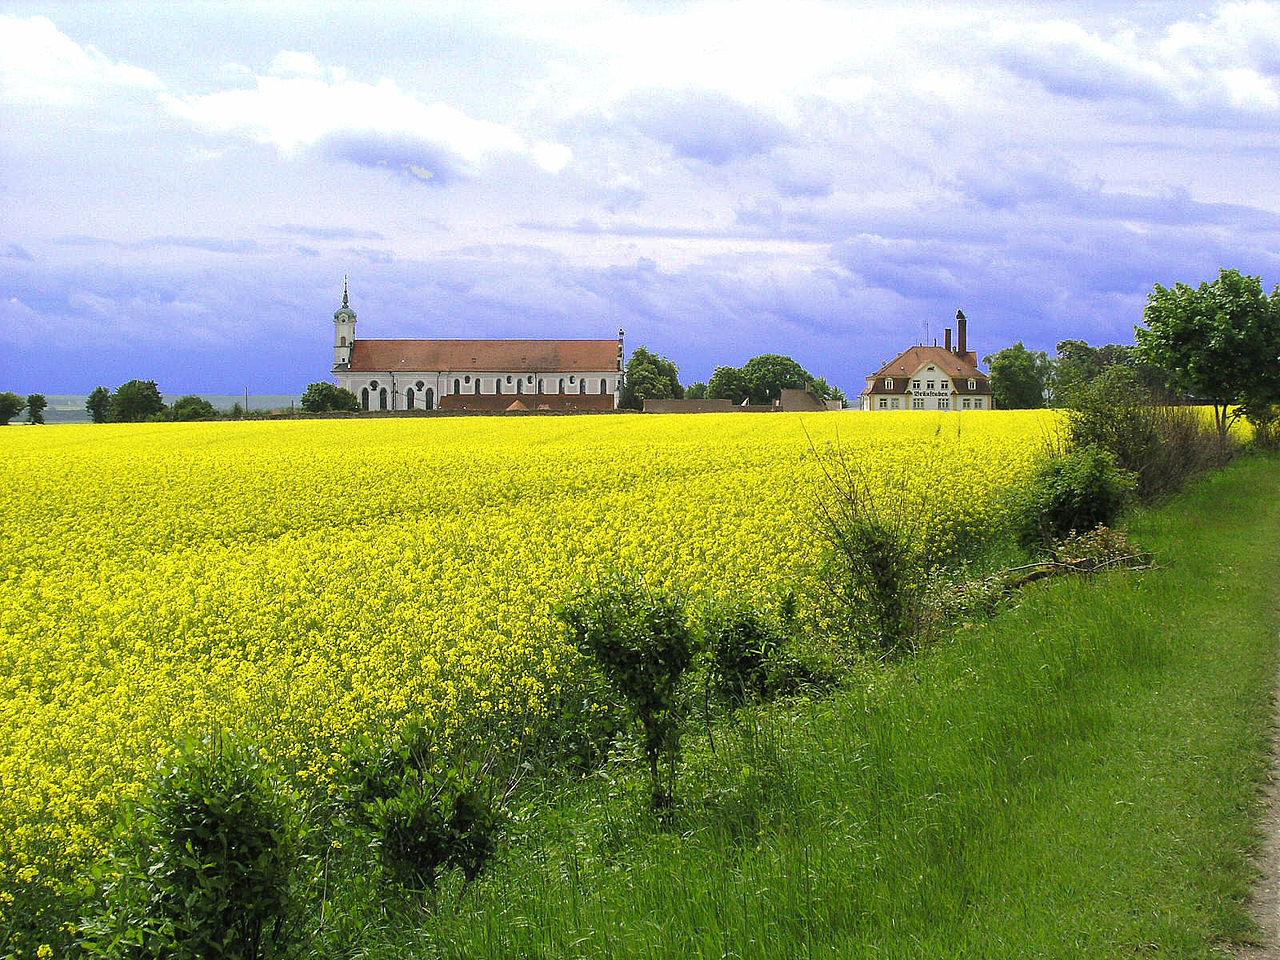 Kloster Elchingen Und Rapsfeld